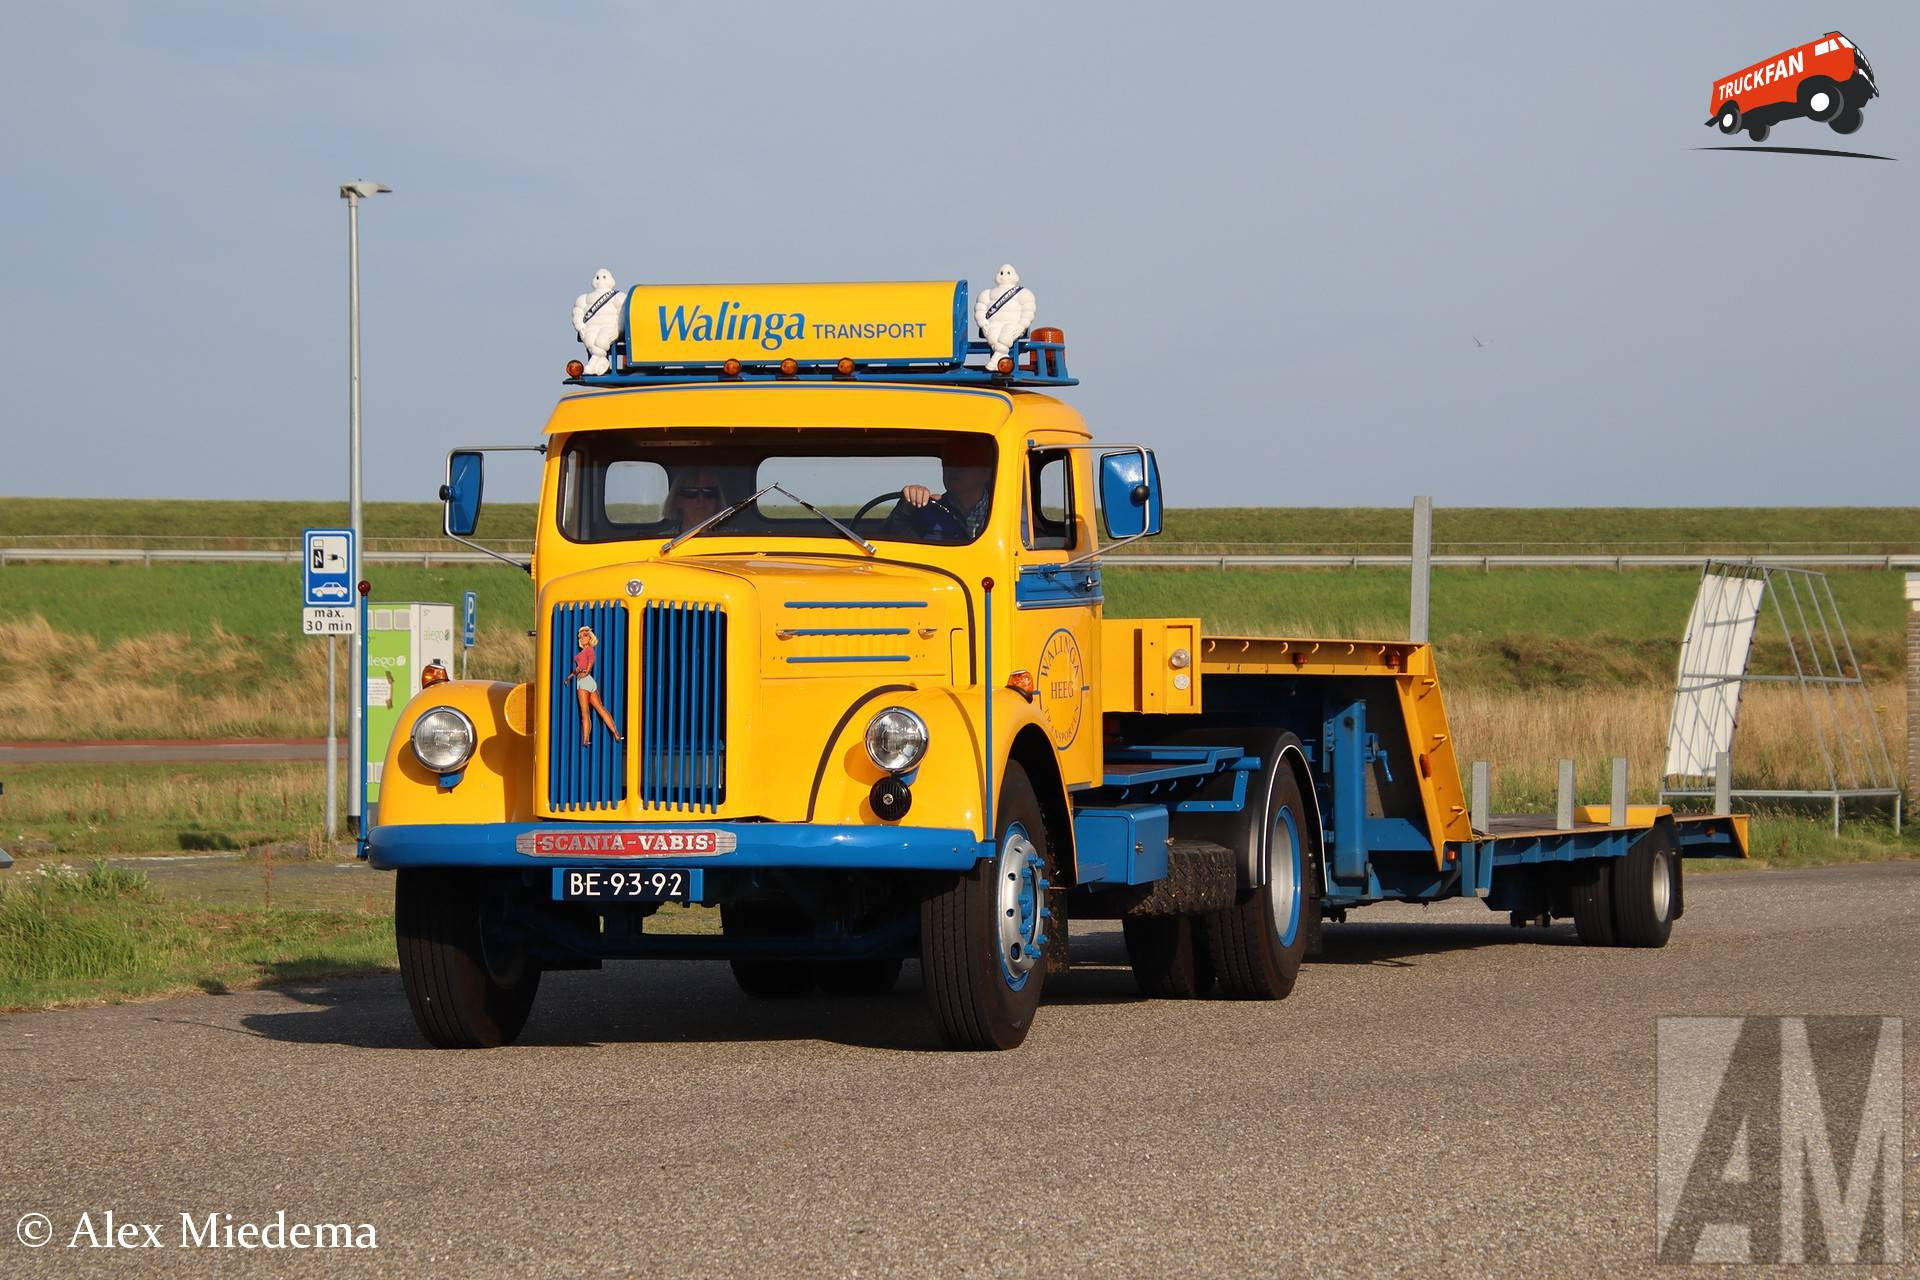 Scania-Vabis L71